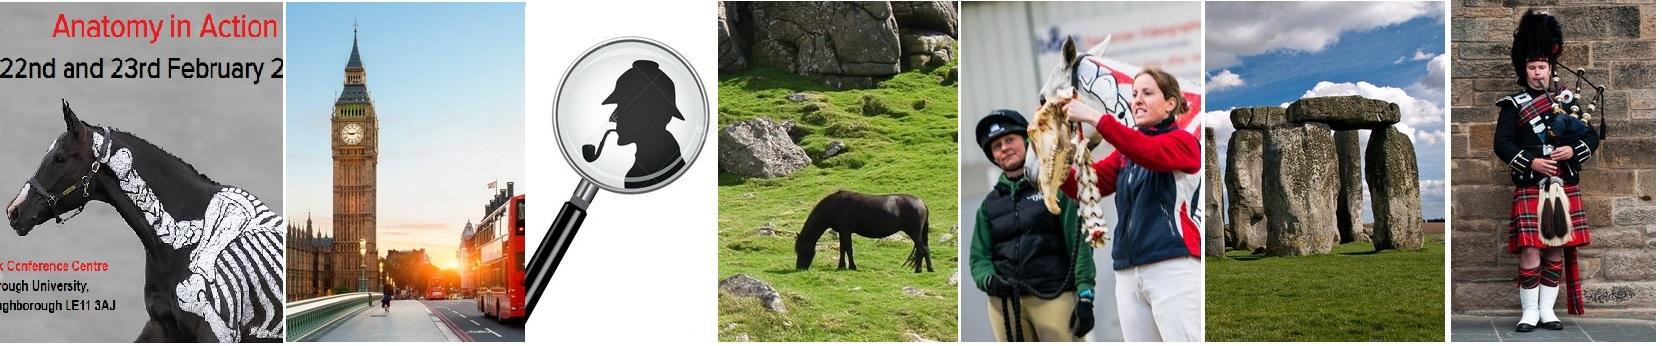 Конные поездки с EquiLife.ru - фото 1, , конный журнал EquiLIfe